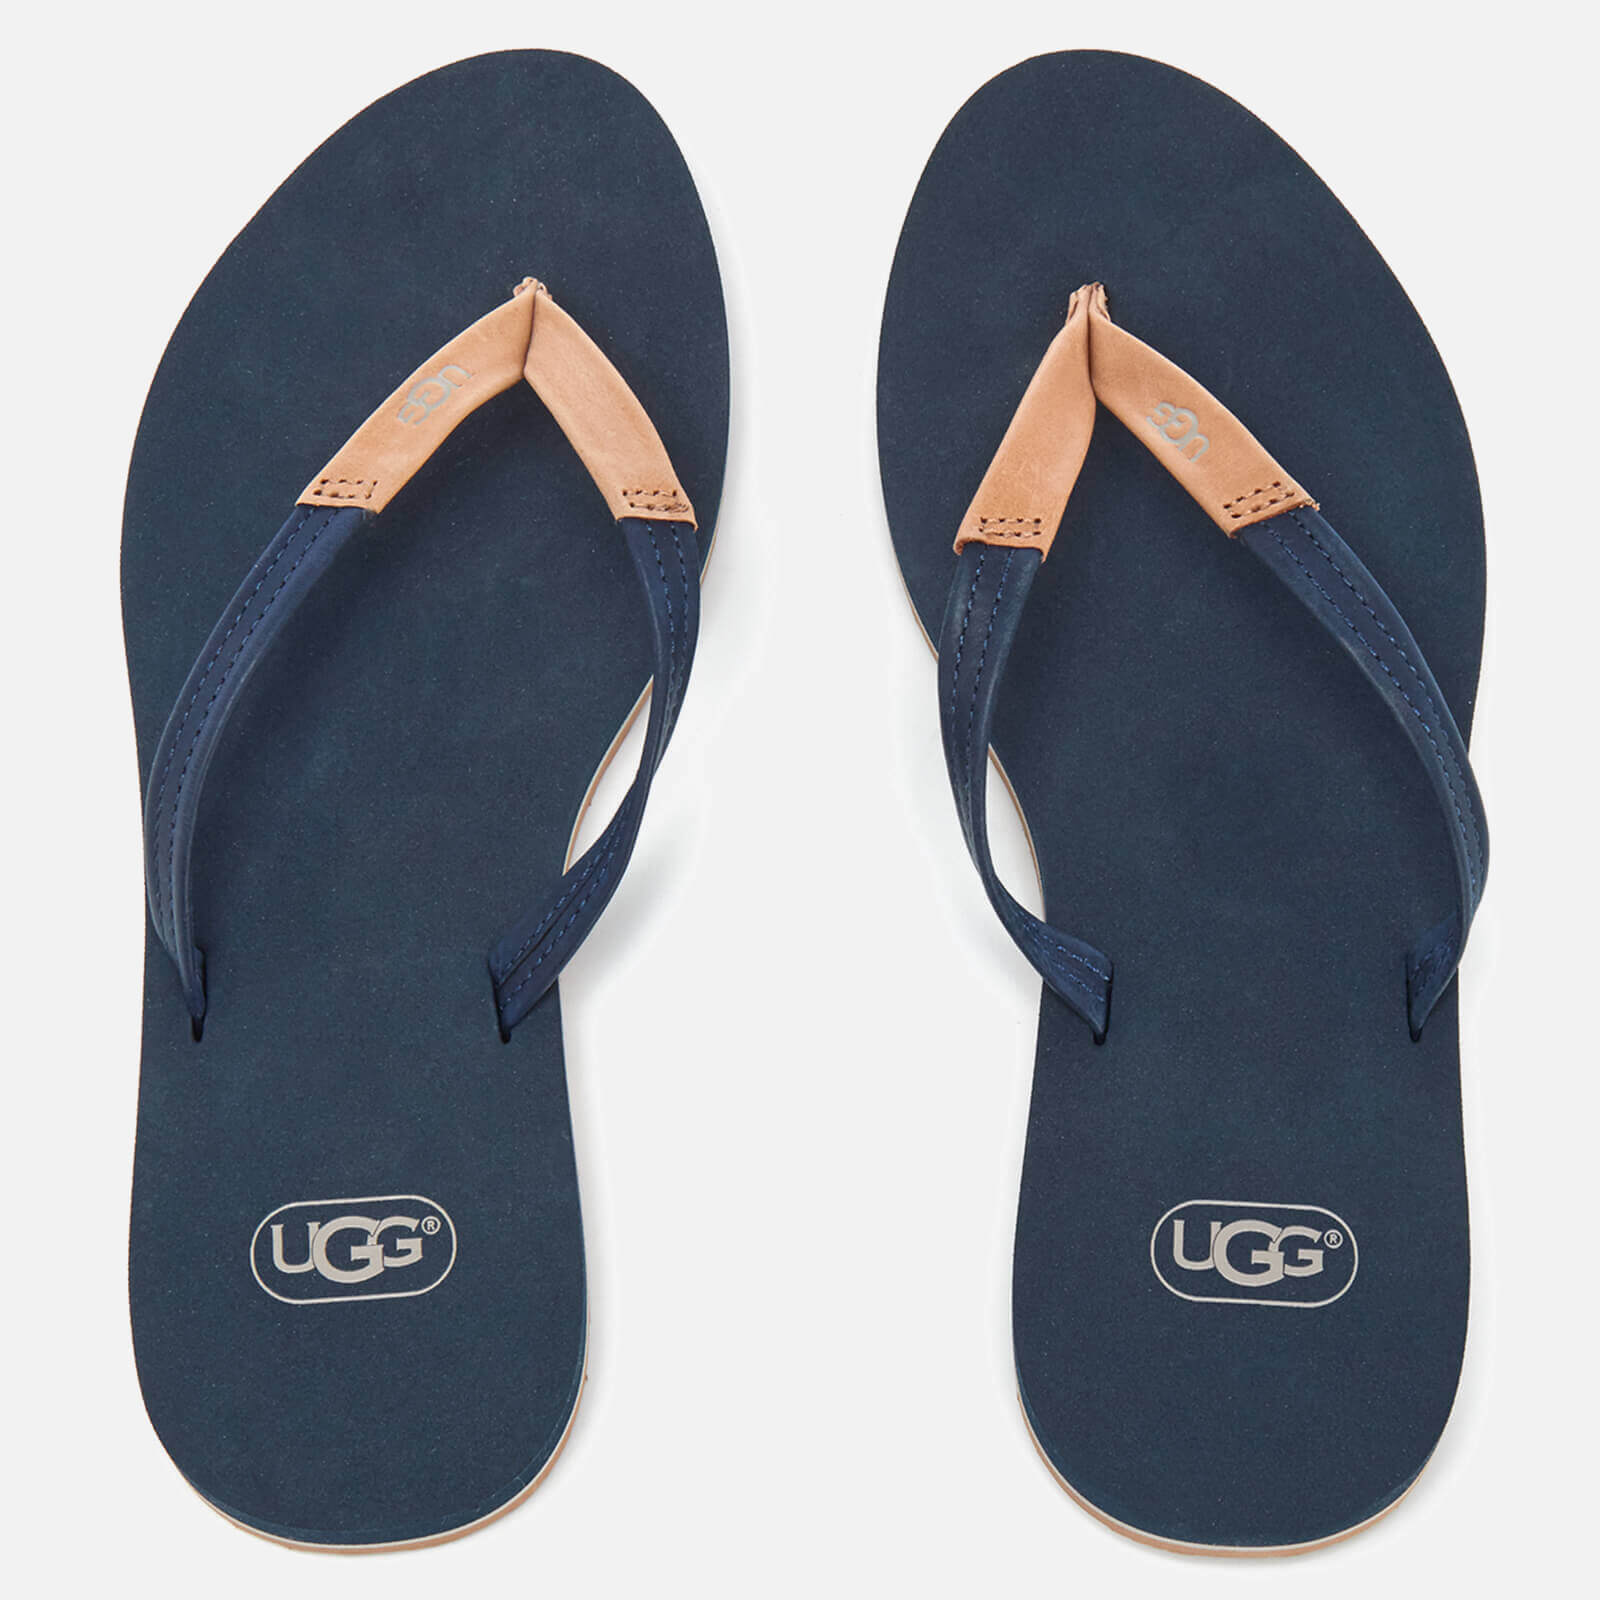 af6f9f1e1bd UGG Women's Magnolia Flip Flops - Navy